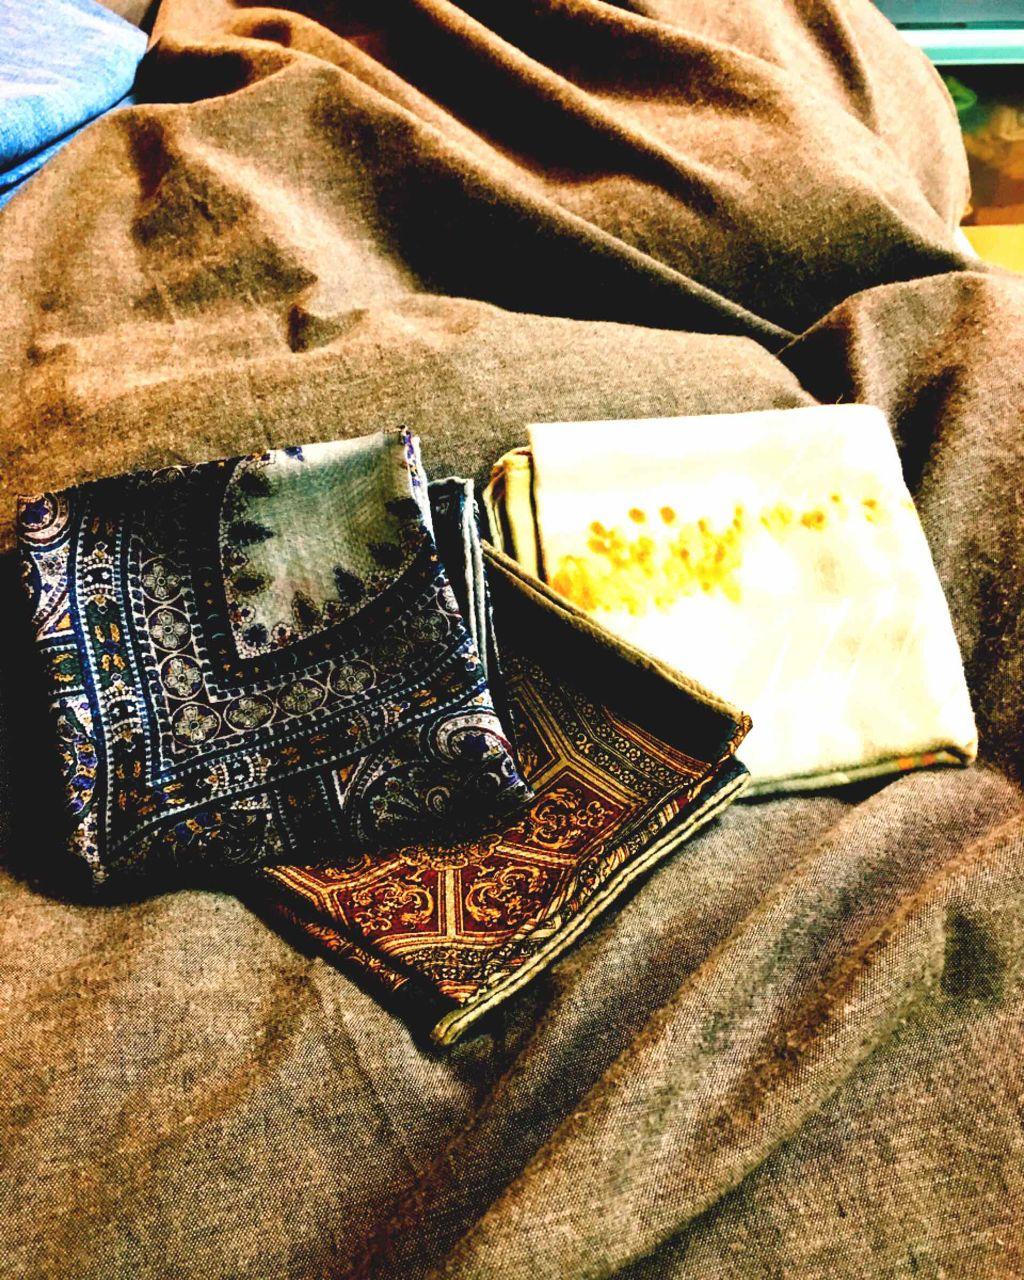 9c631c0a0beb 雑談の口コミ「#クロミミ的背景ハンカチ第7弾#クロミミ的..」 by ...